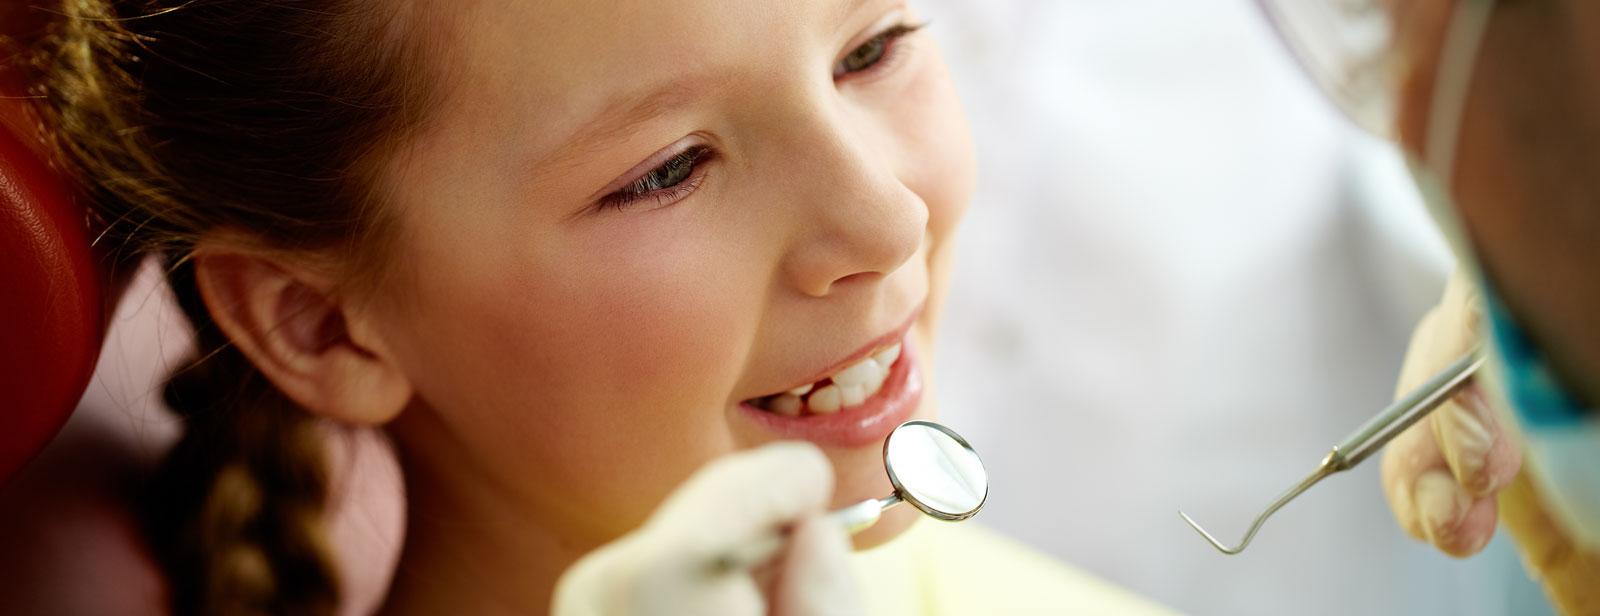 De meest kindvriendelijke tandartspraktijk in Son en Breugel